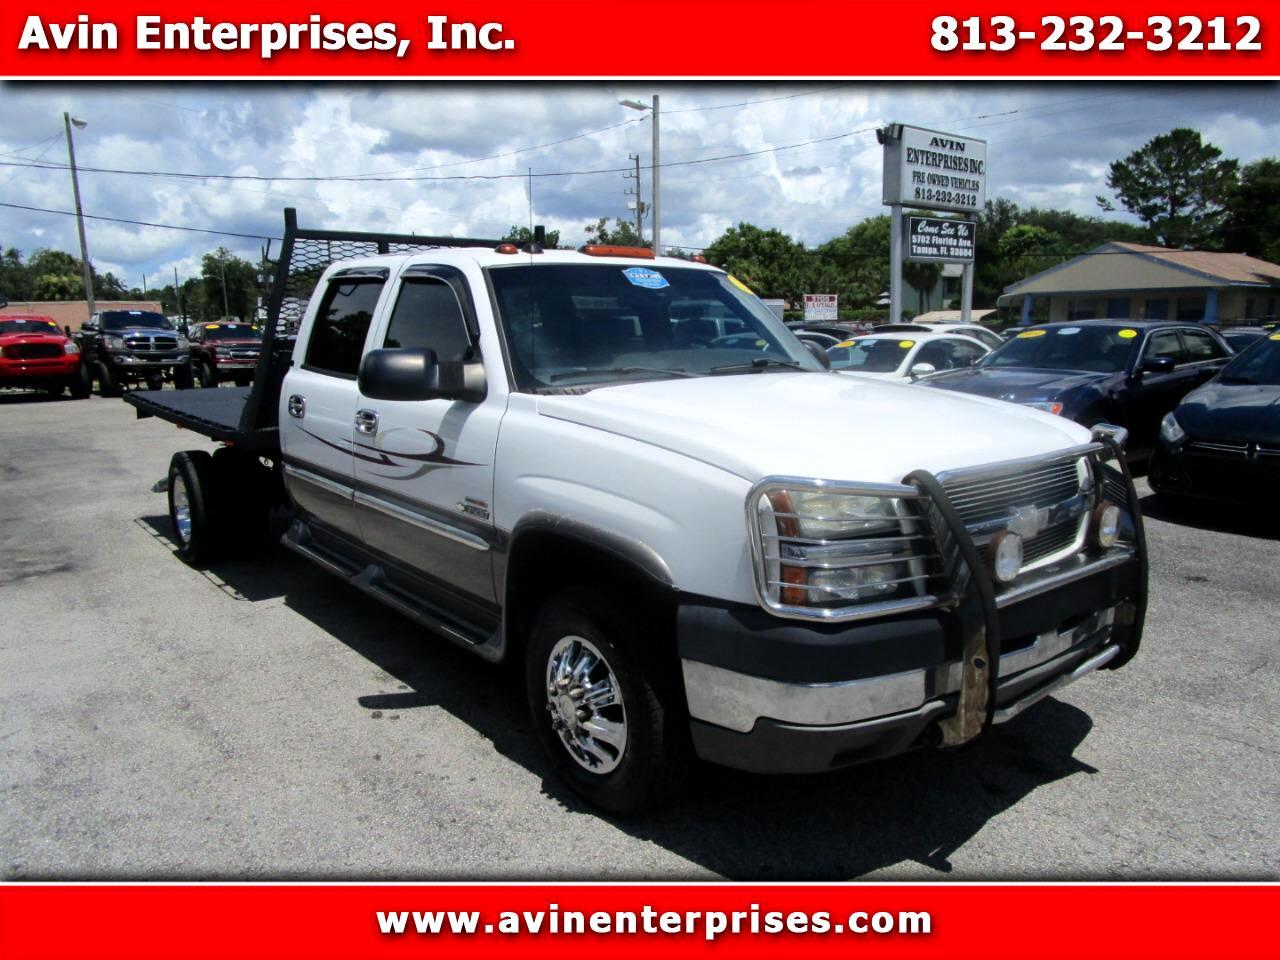 2004 Chevrolet Silverado 3500 LT Crew Cab 2WD